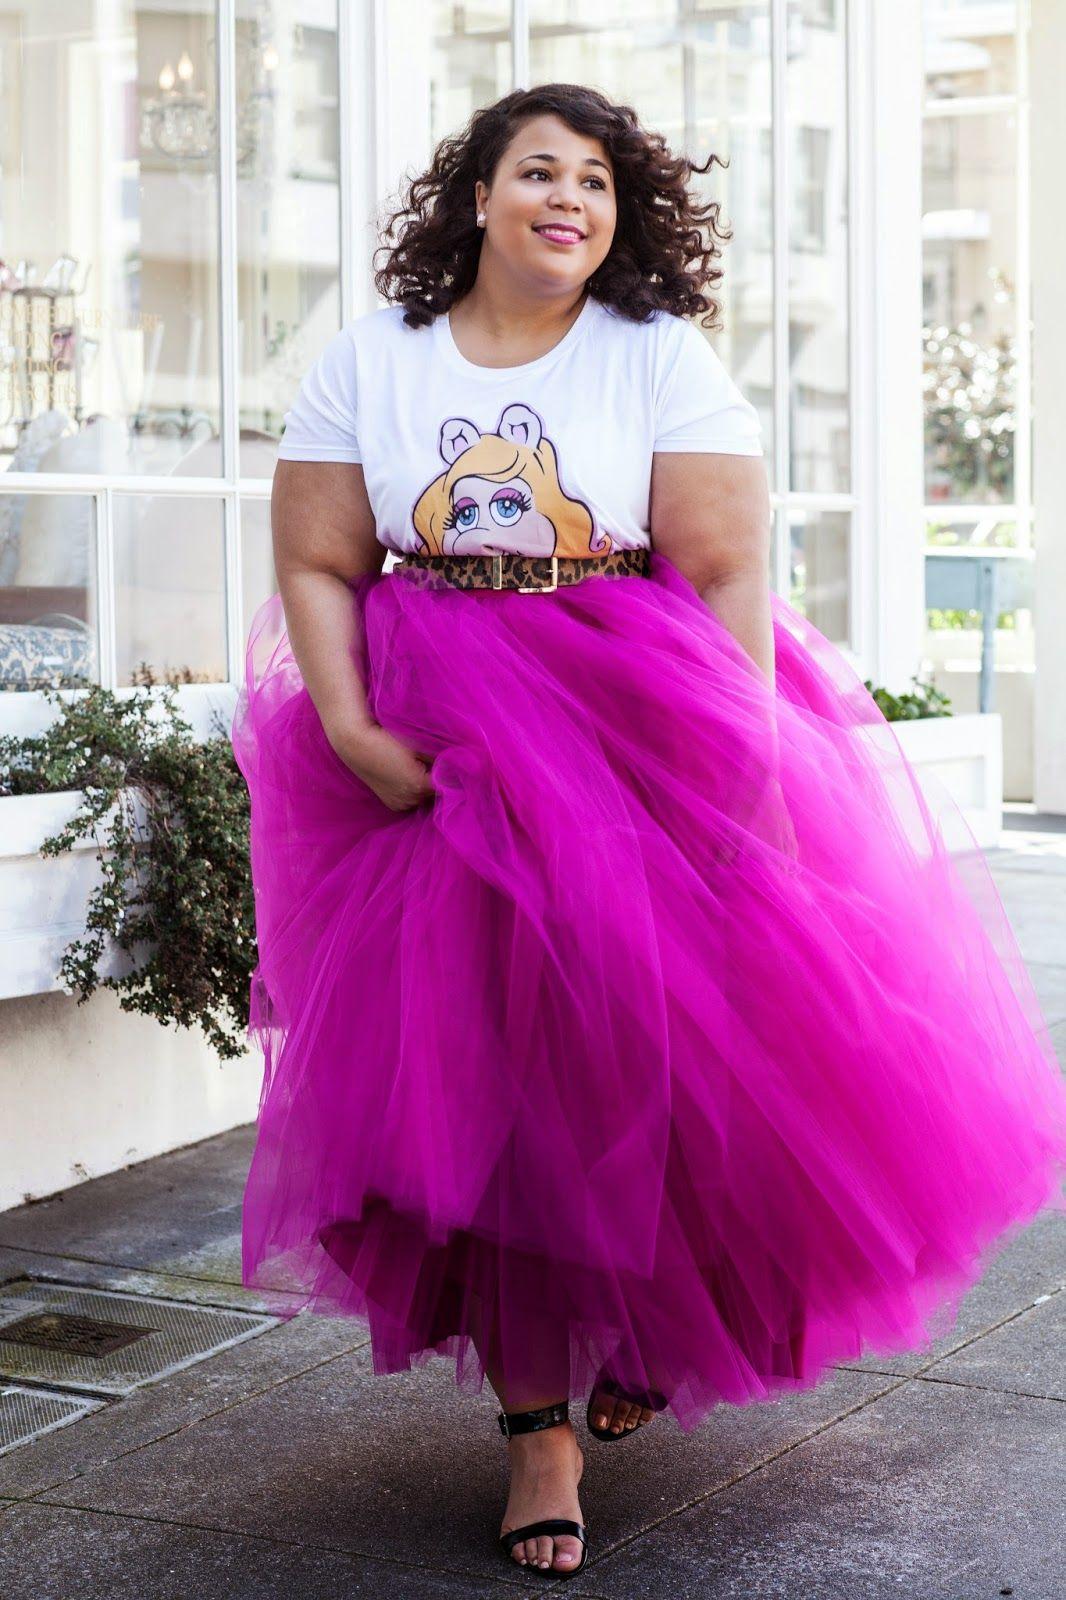 blog update | celebrity style capture - kellis plus size tutu